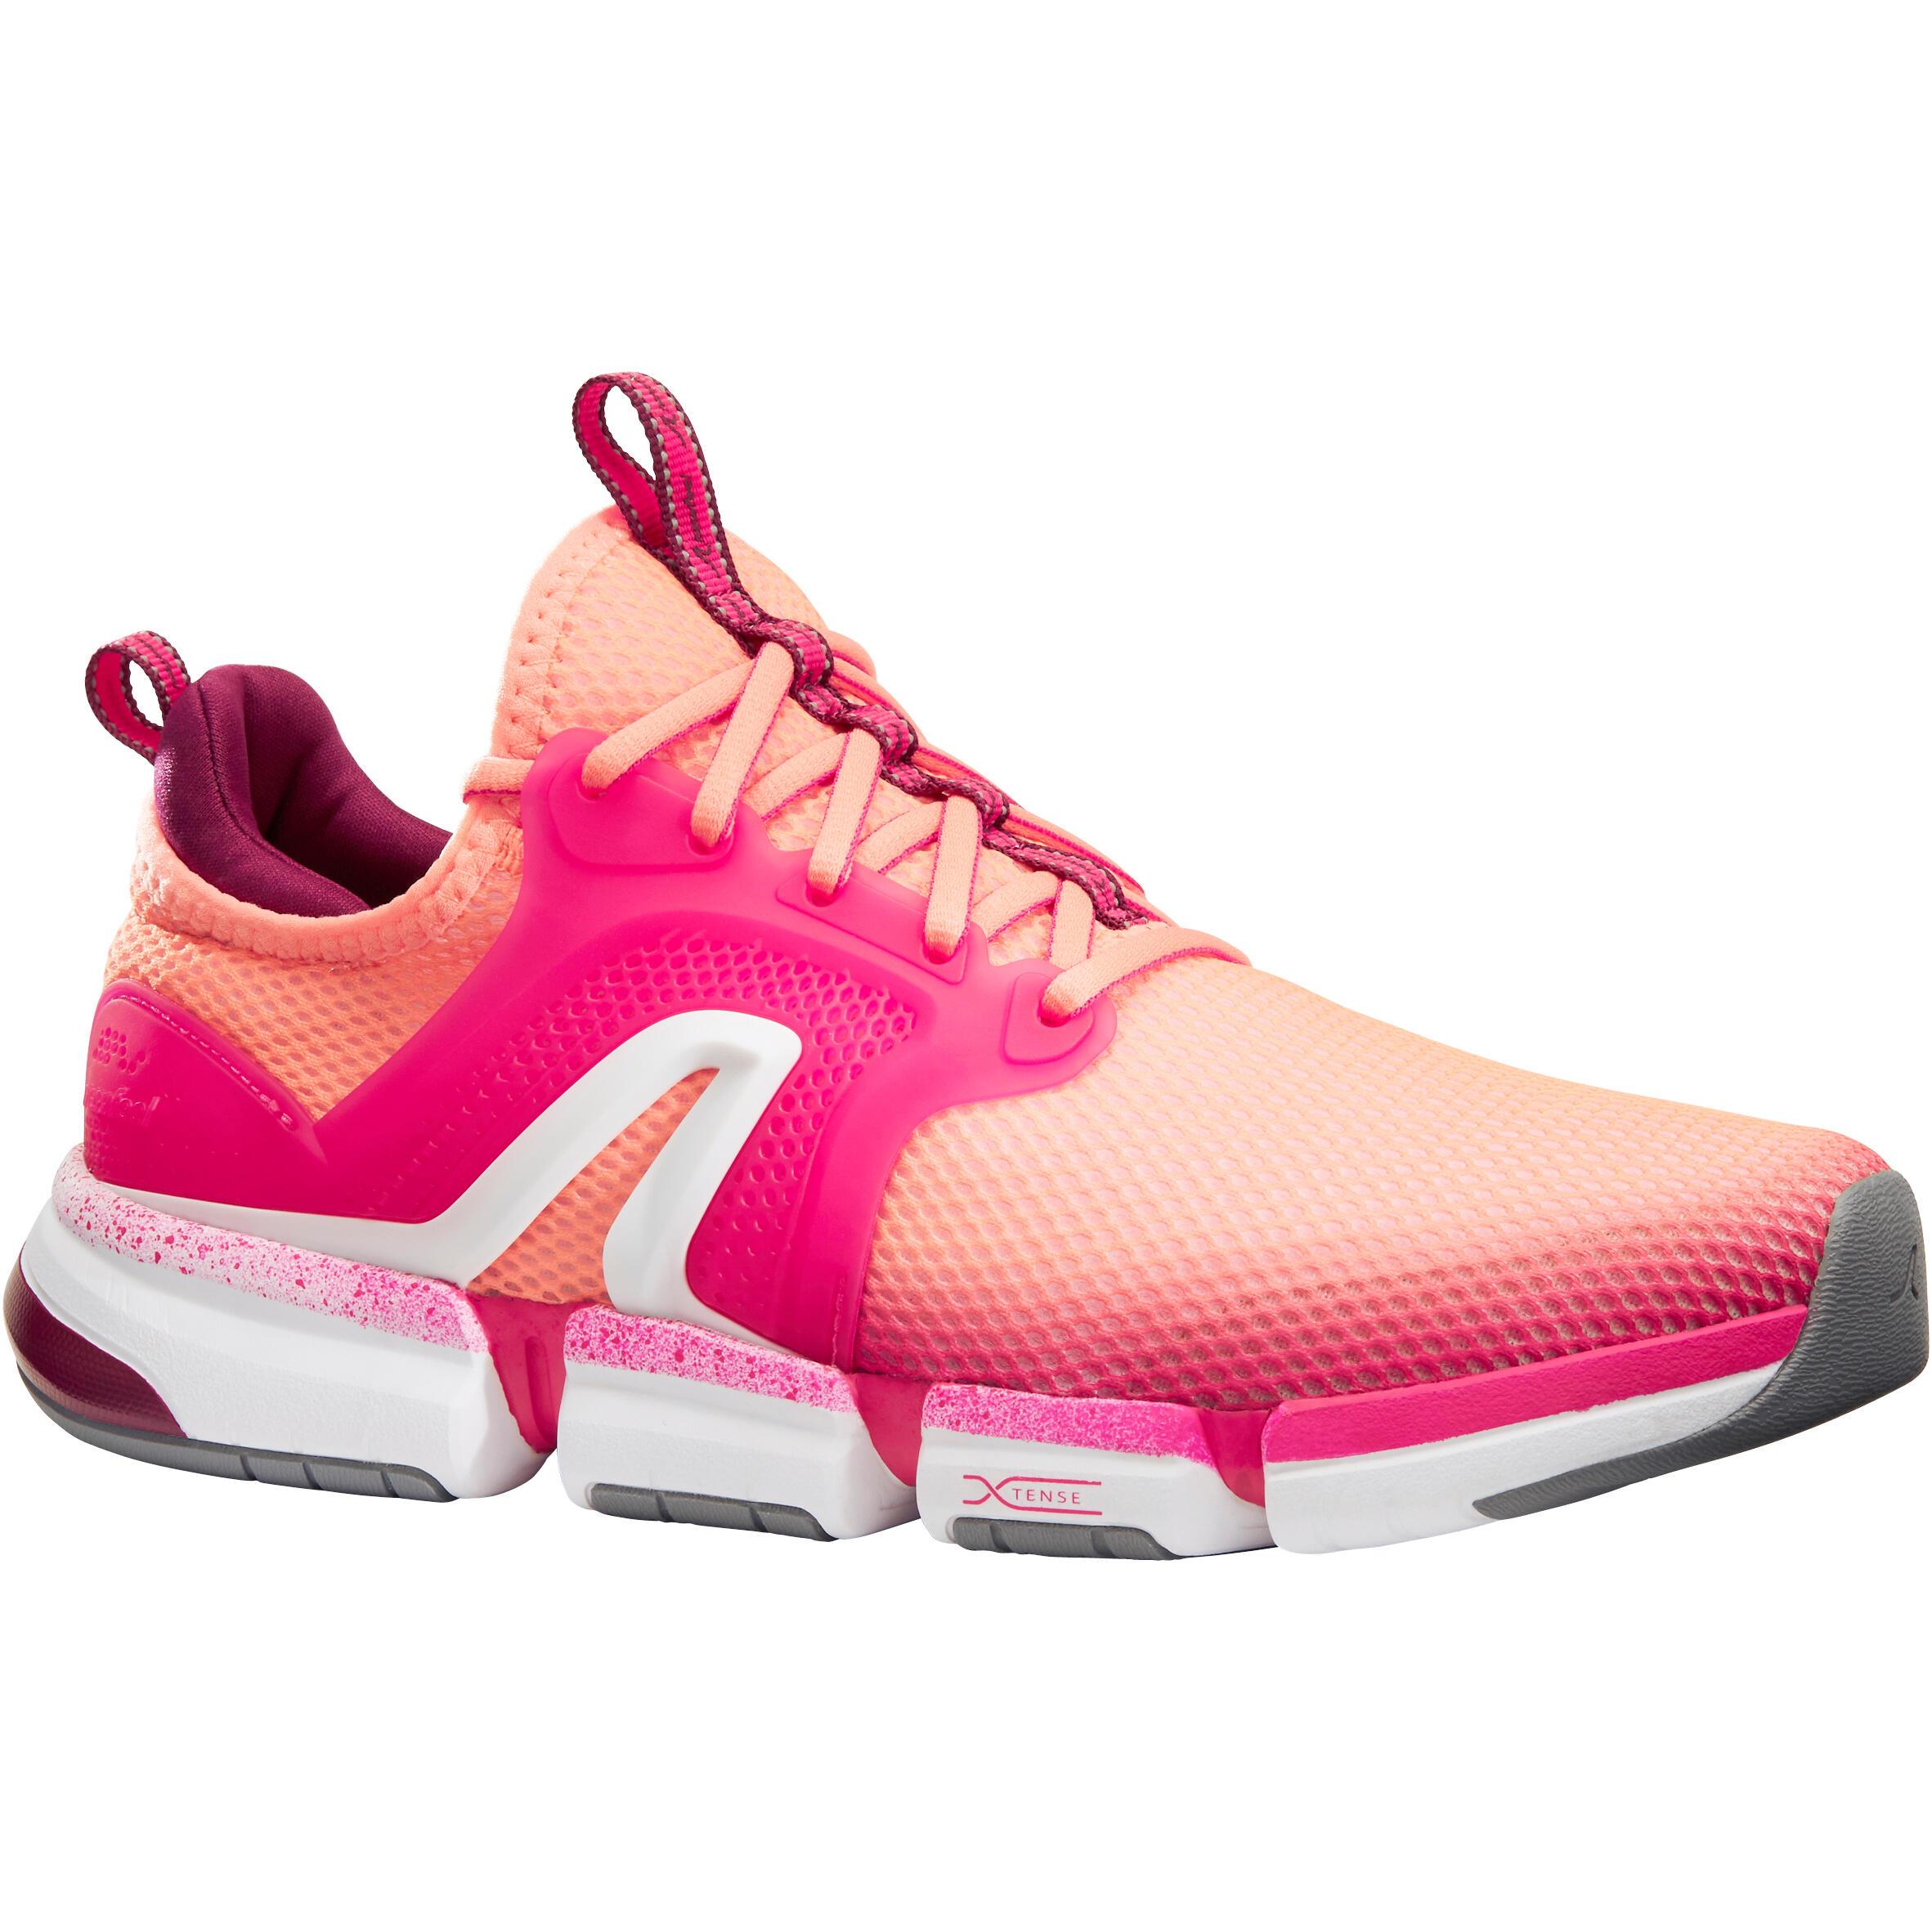 Walkingschuhe PW 590 Xtense Damen koralle/rosa | Schuhe > Sportschuhe > Walkingschuhe | Orange - Rosa | Newfeel